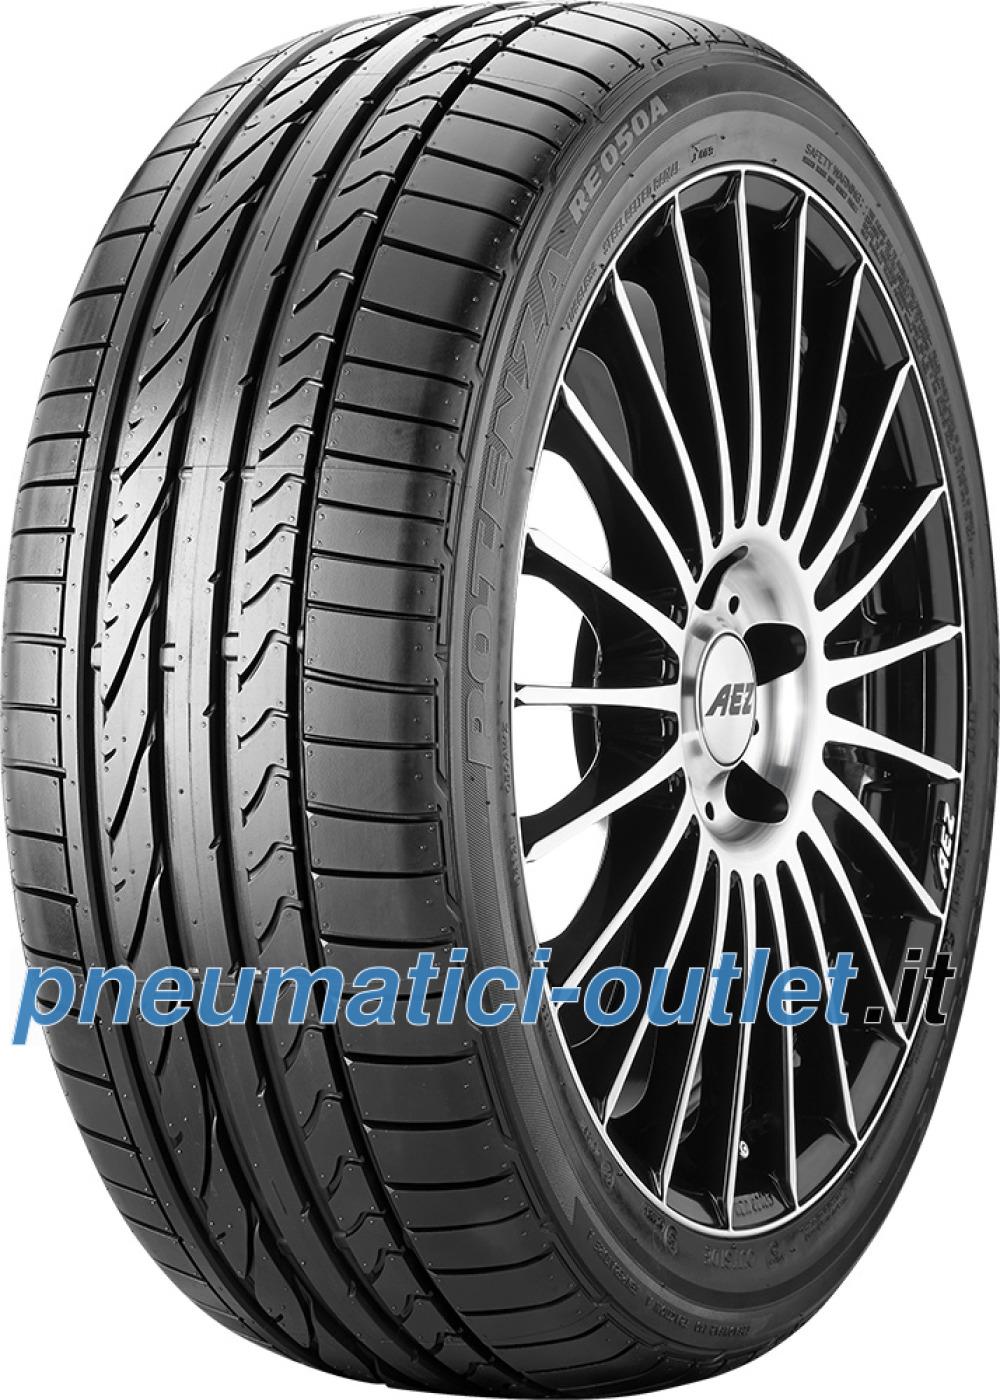 Bridgestone Potenza RE 050 A ( 265/35 R19 98Y XL AO, con protezione del cerchio (MFS) )